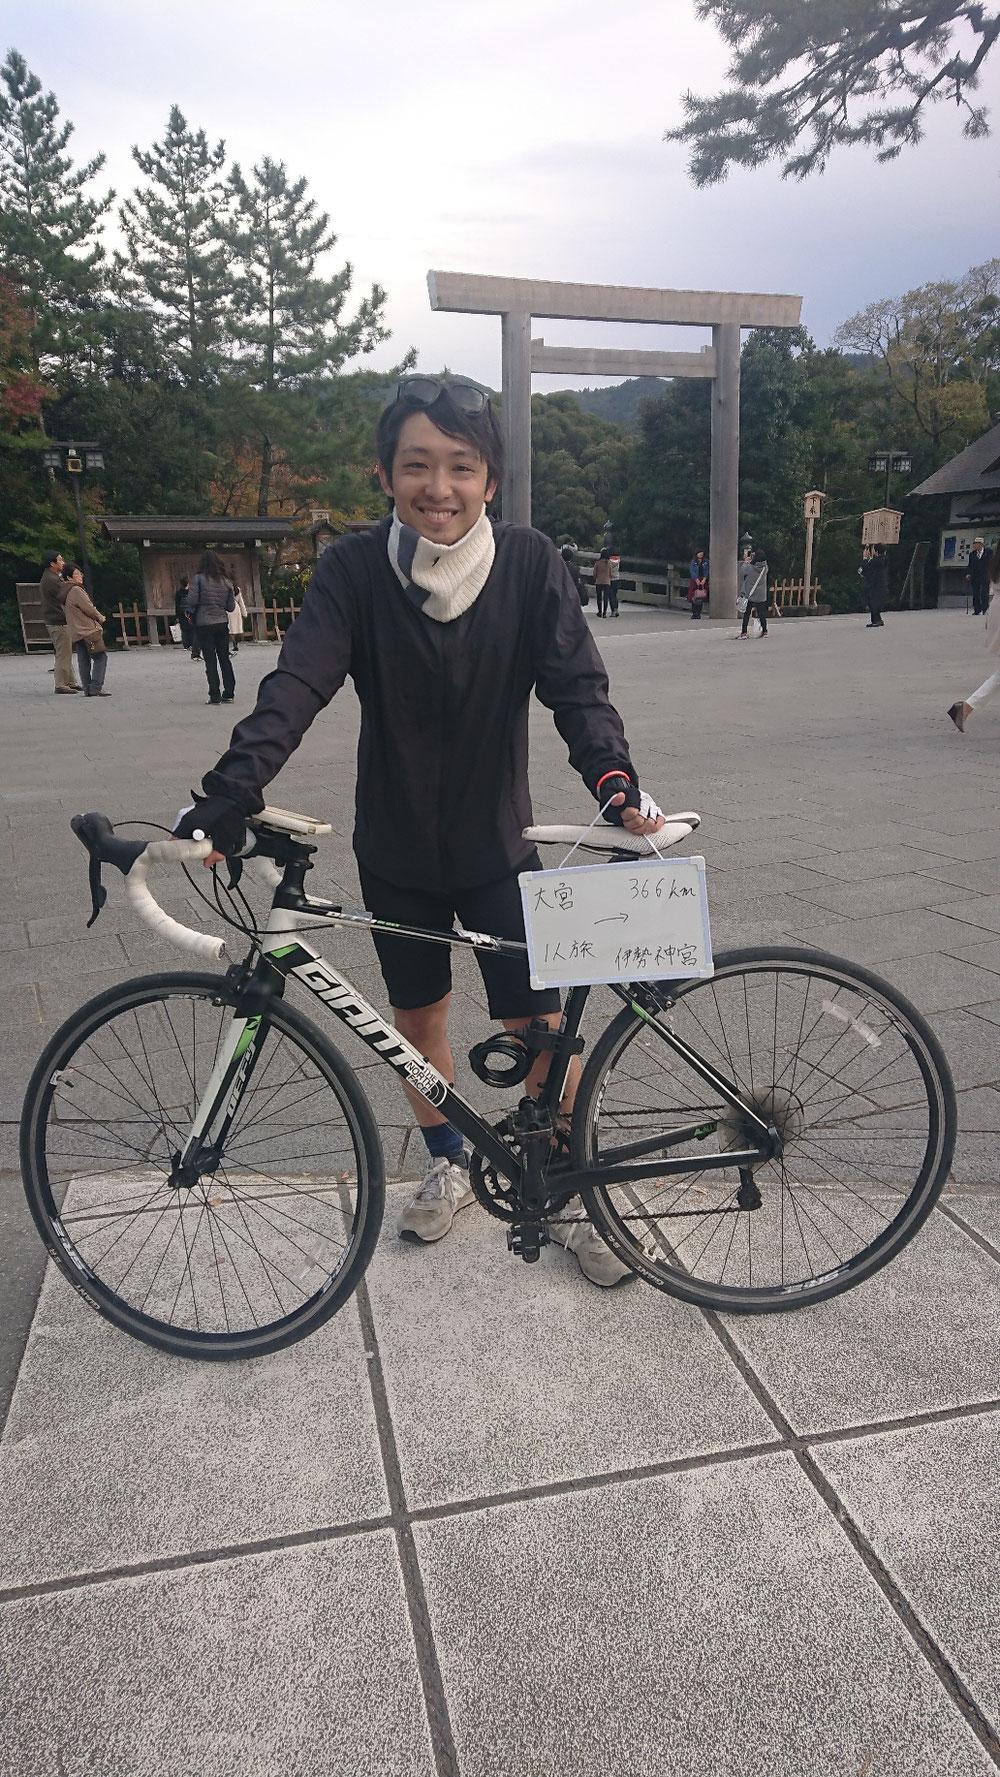 自転車で旅してるお兄ちゃん!帰りも氣をつけるんよ( •̤ᴗ•̤ )